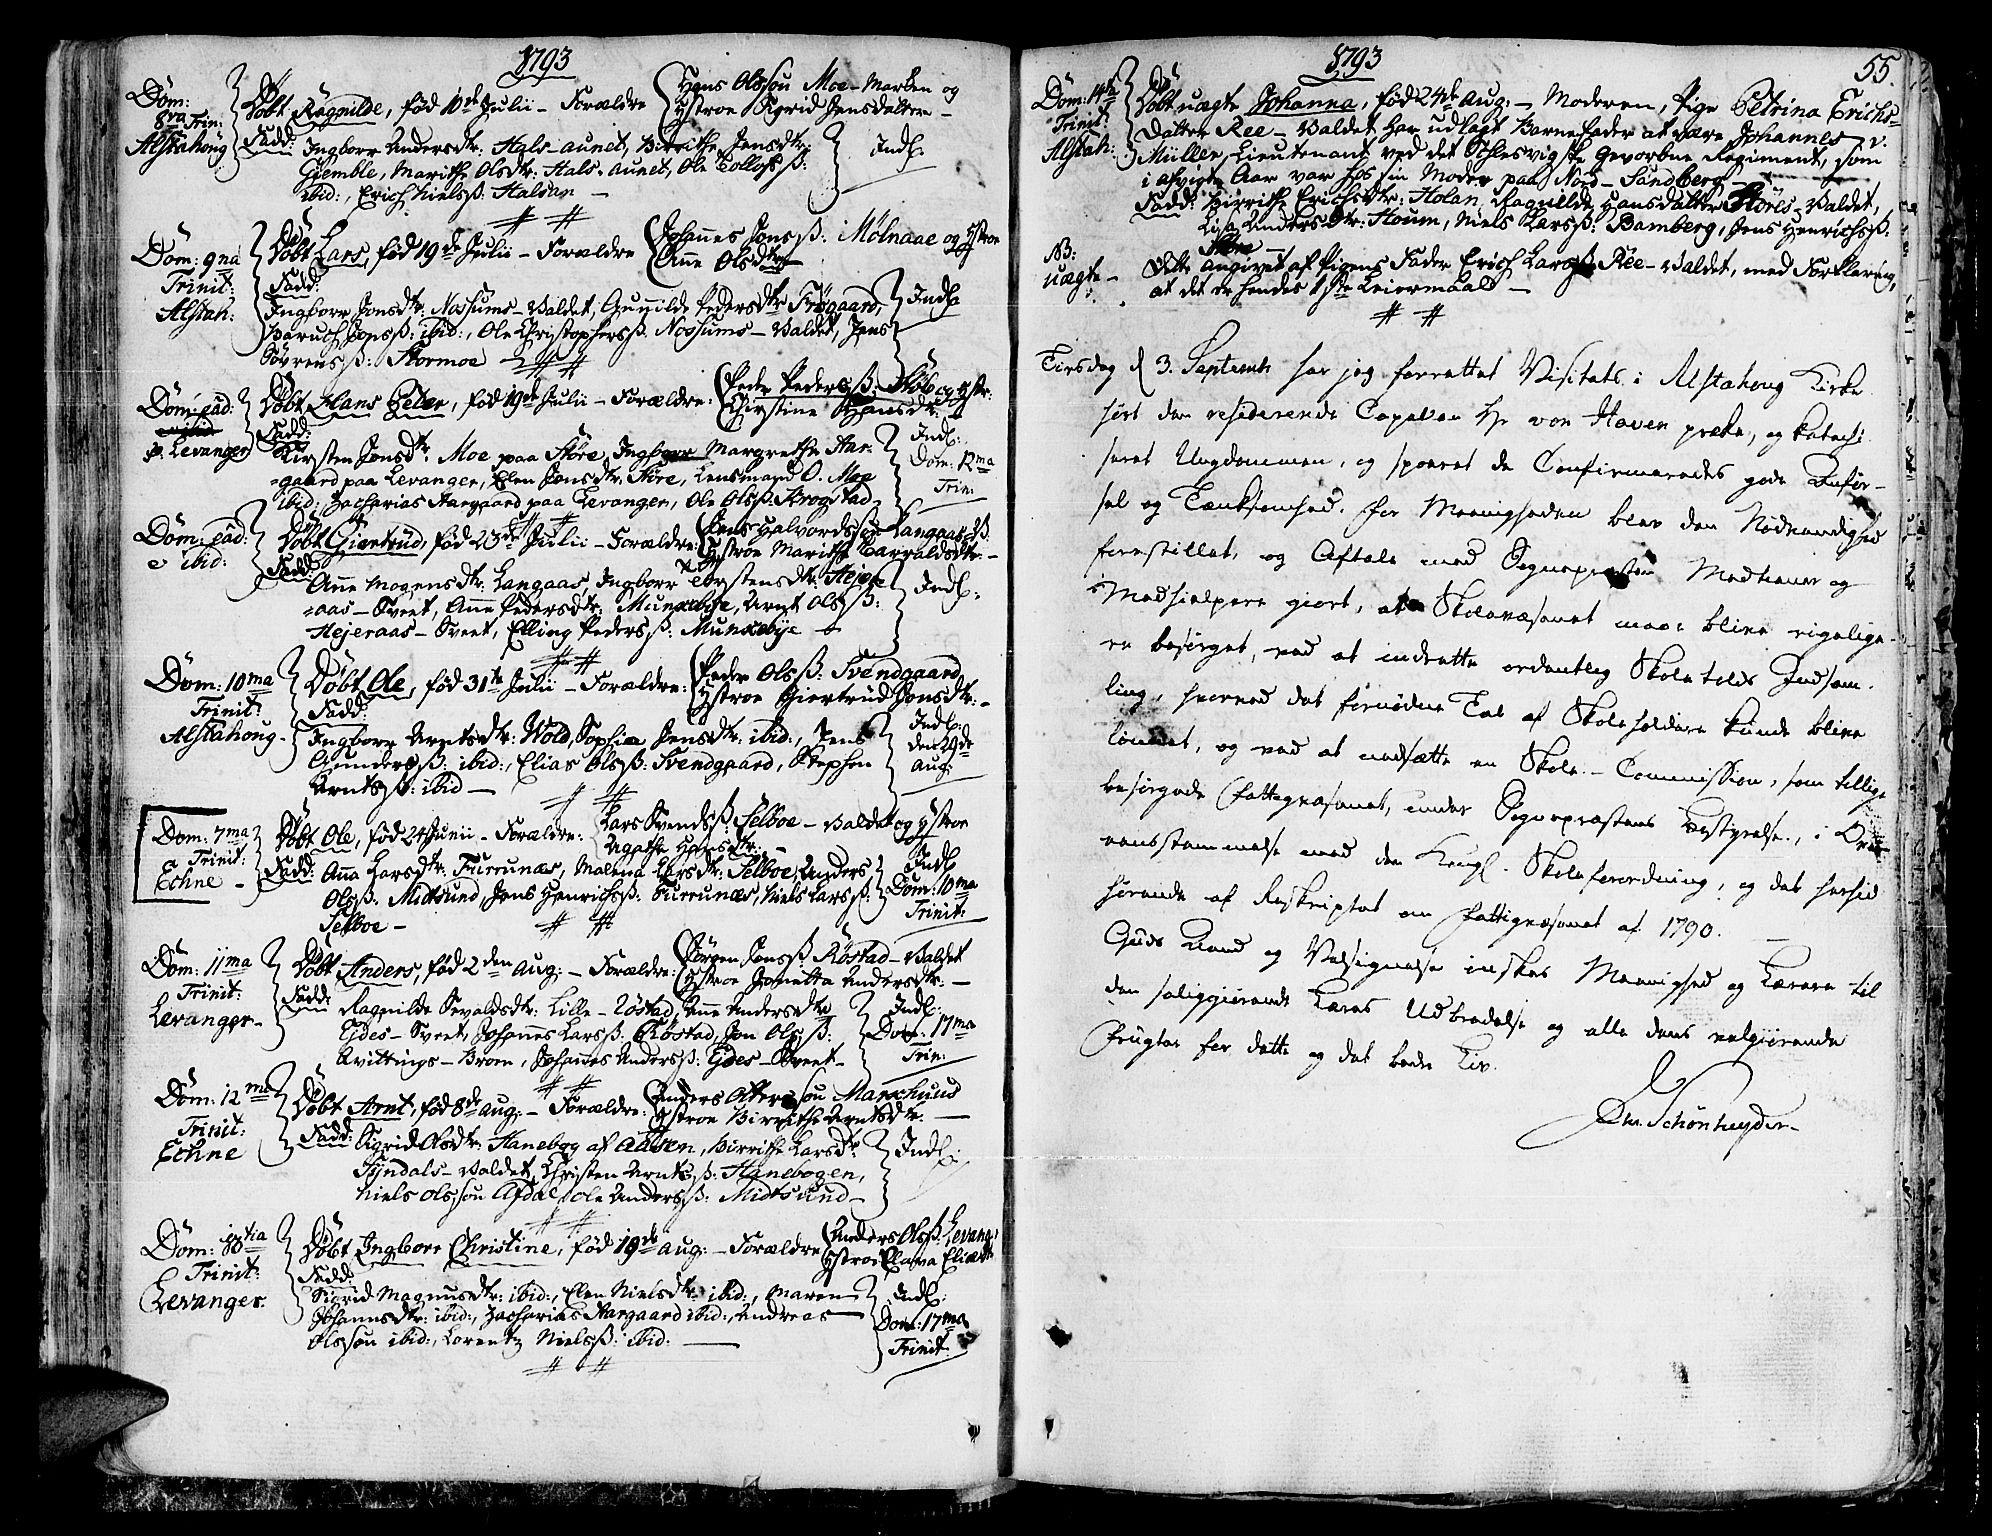 SAT, Ministerialprotokoller, klokkerbøker og fødselsregistre - Nord-Trøndelag, 717/L0142: Ministerialbok nr. 717A02 /1, 1783-1809, s. 55